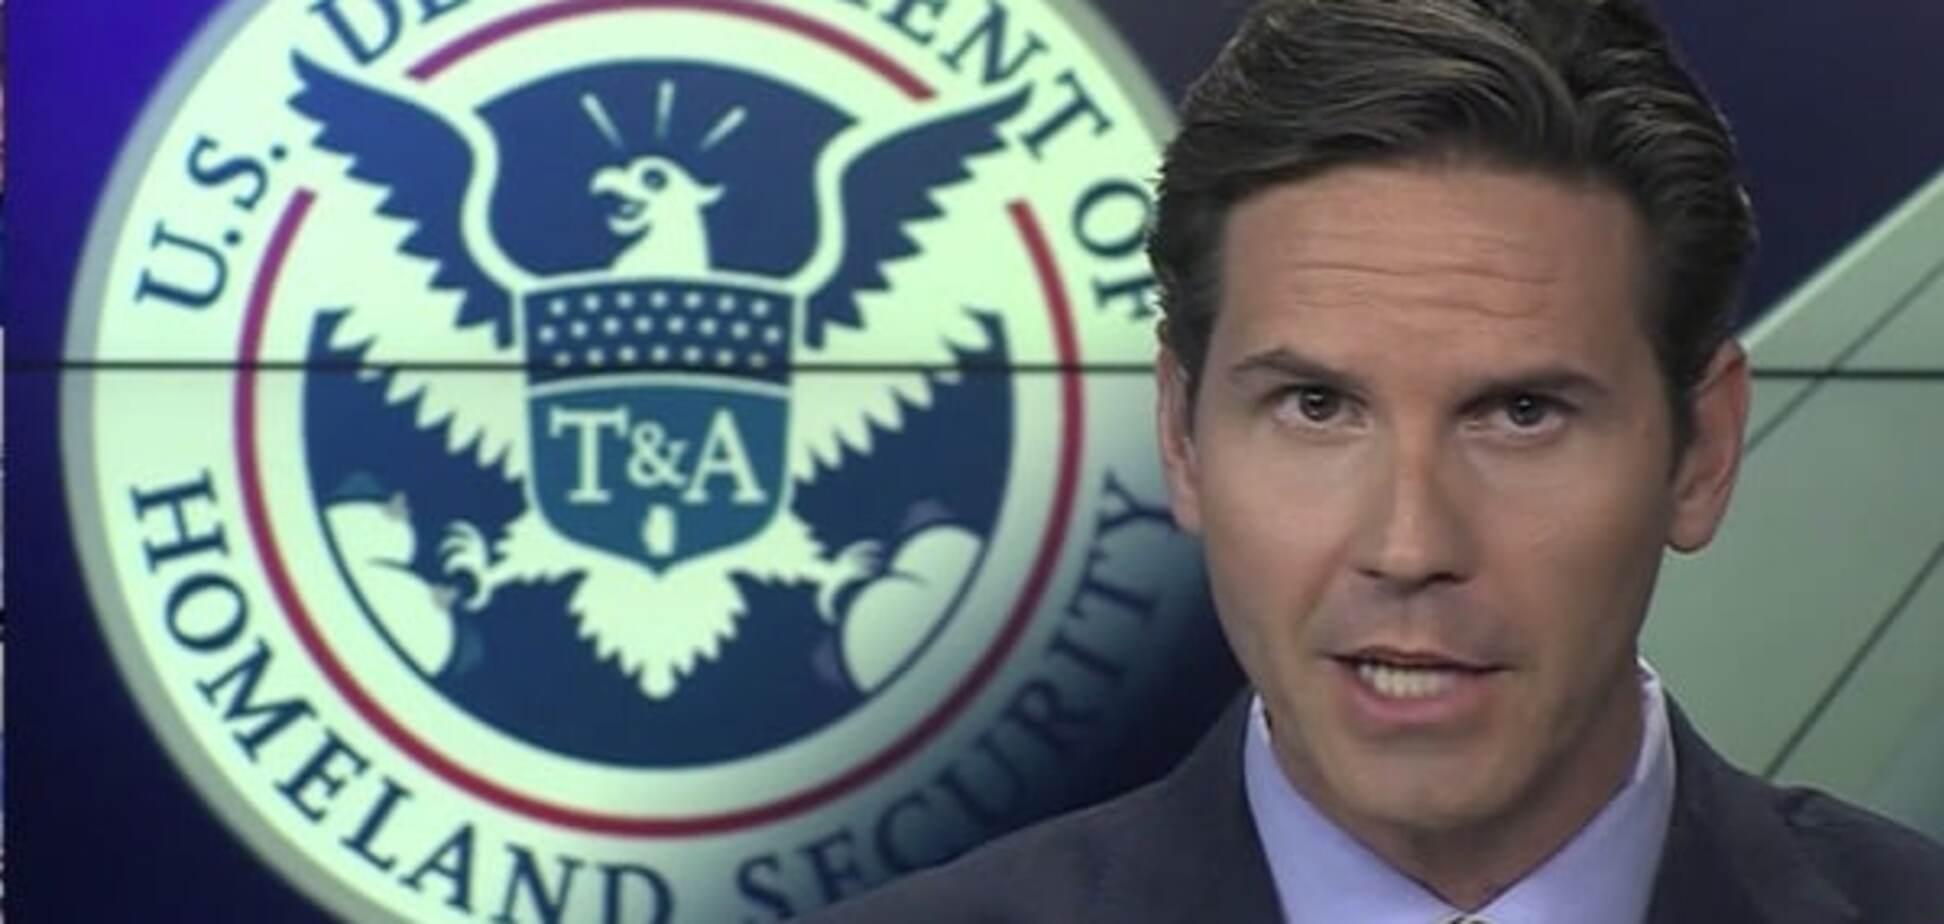 NBC показав в ефірі пікантний прапор Міністерства безпеки США з жіночими принадами